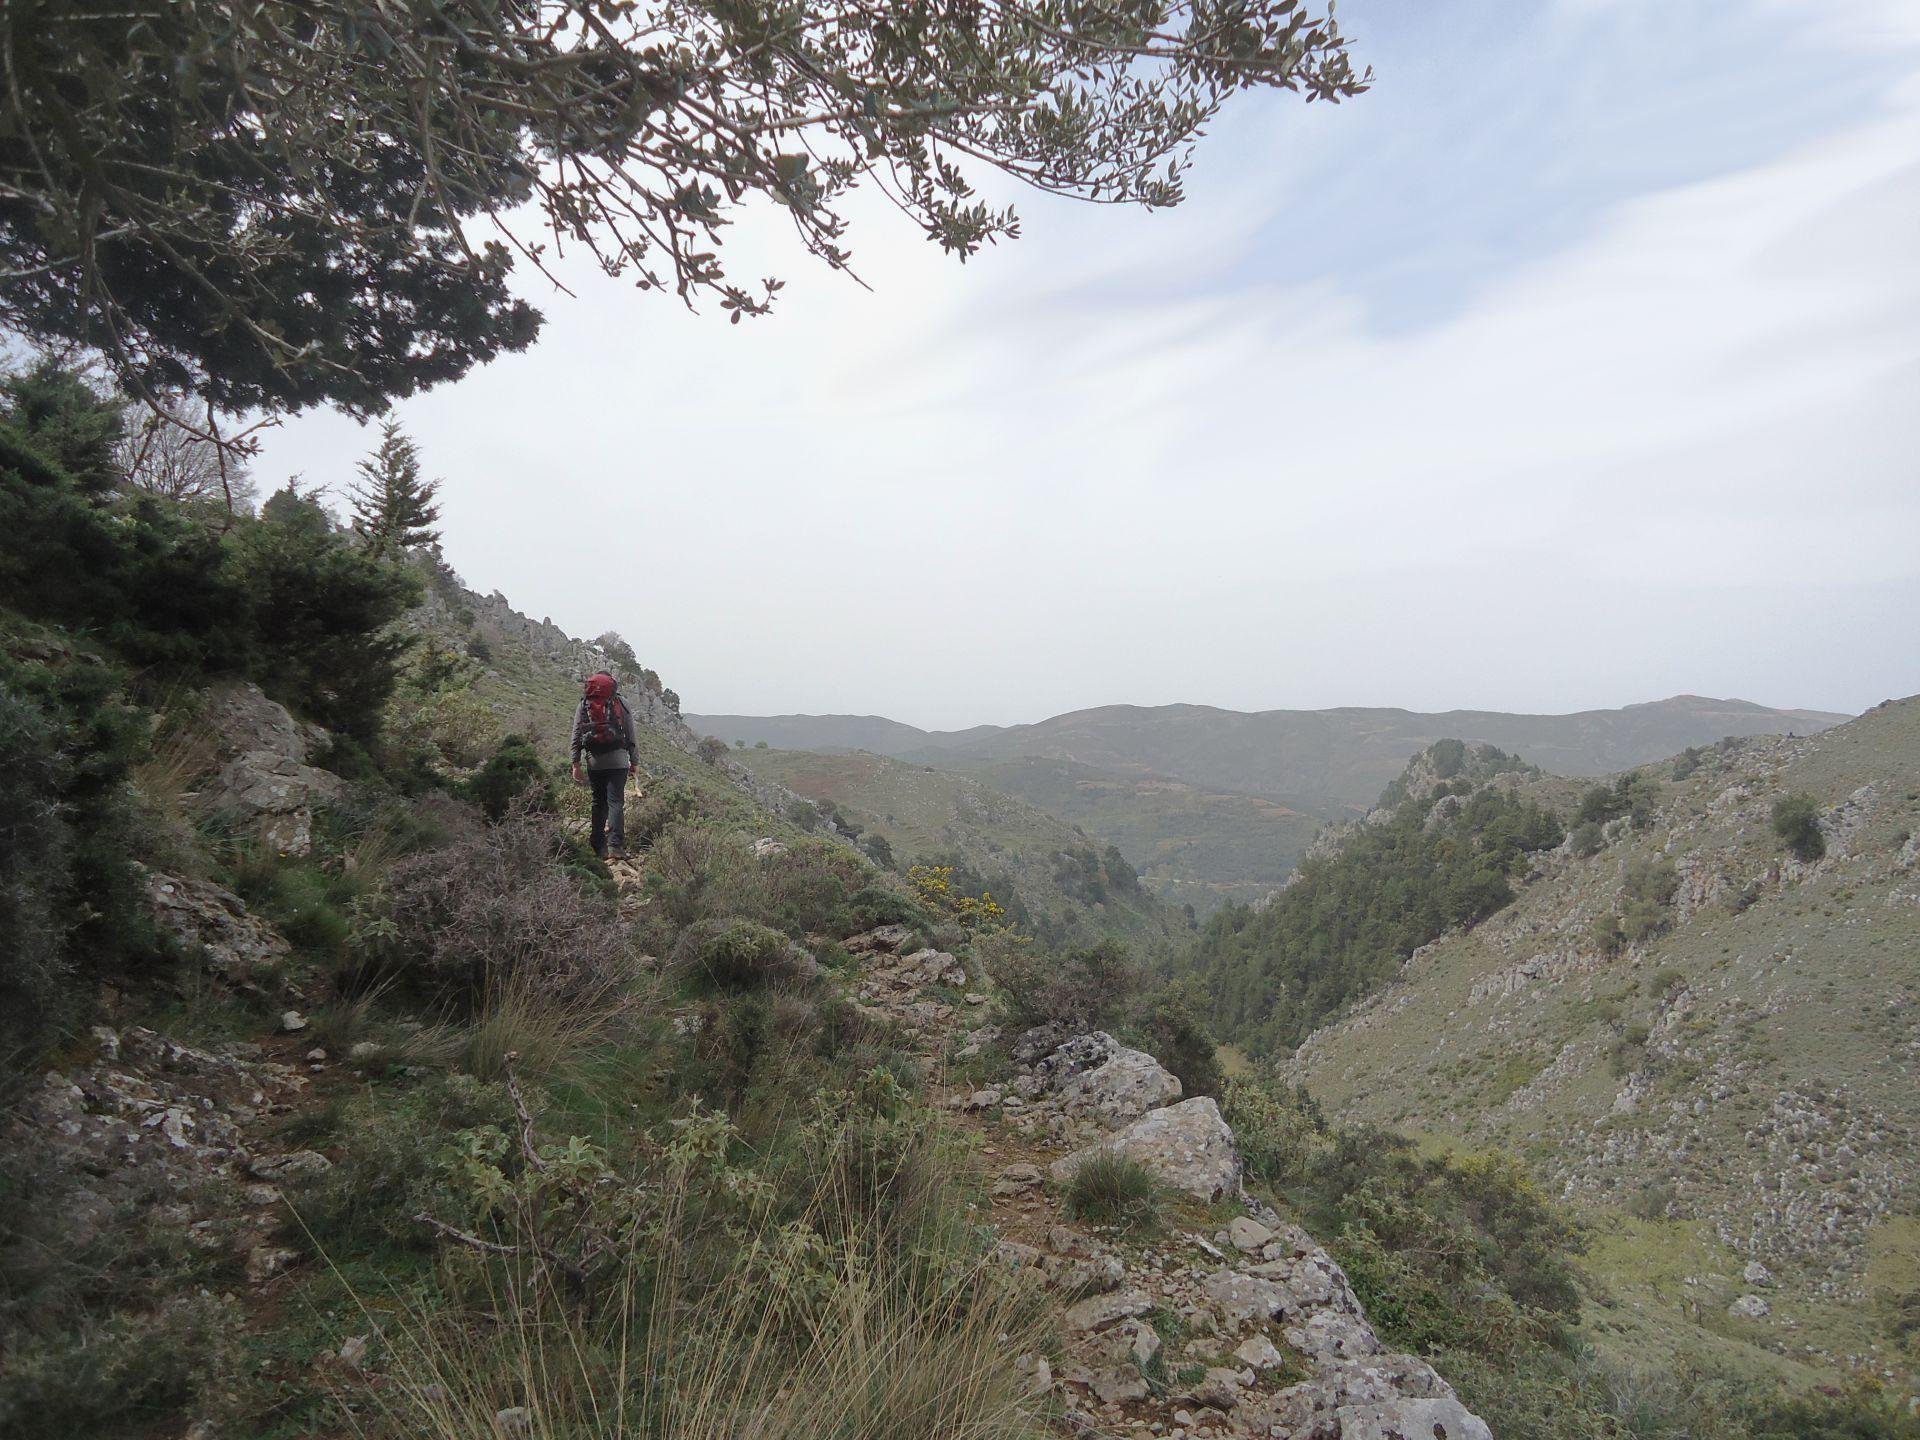 Coastal paths & mountain plains Evenos_Travel_Voidodema_Omalos_Samaria_2_day_hiking_trip_Omalos_2day (5)